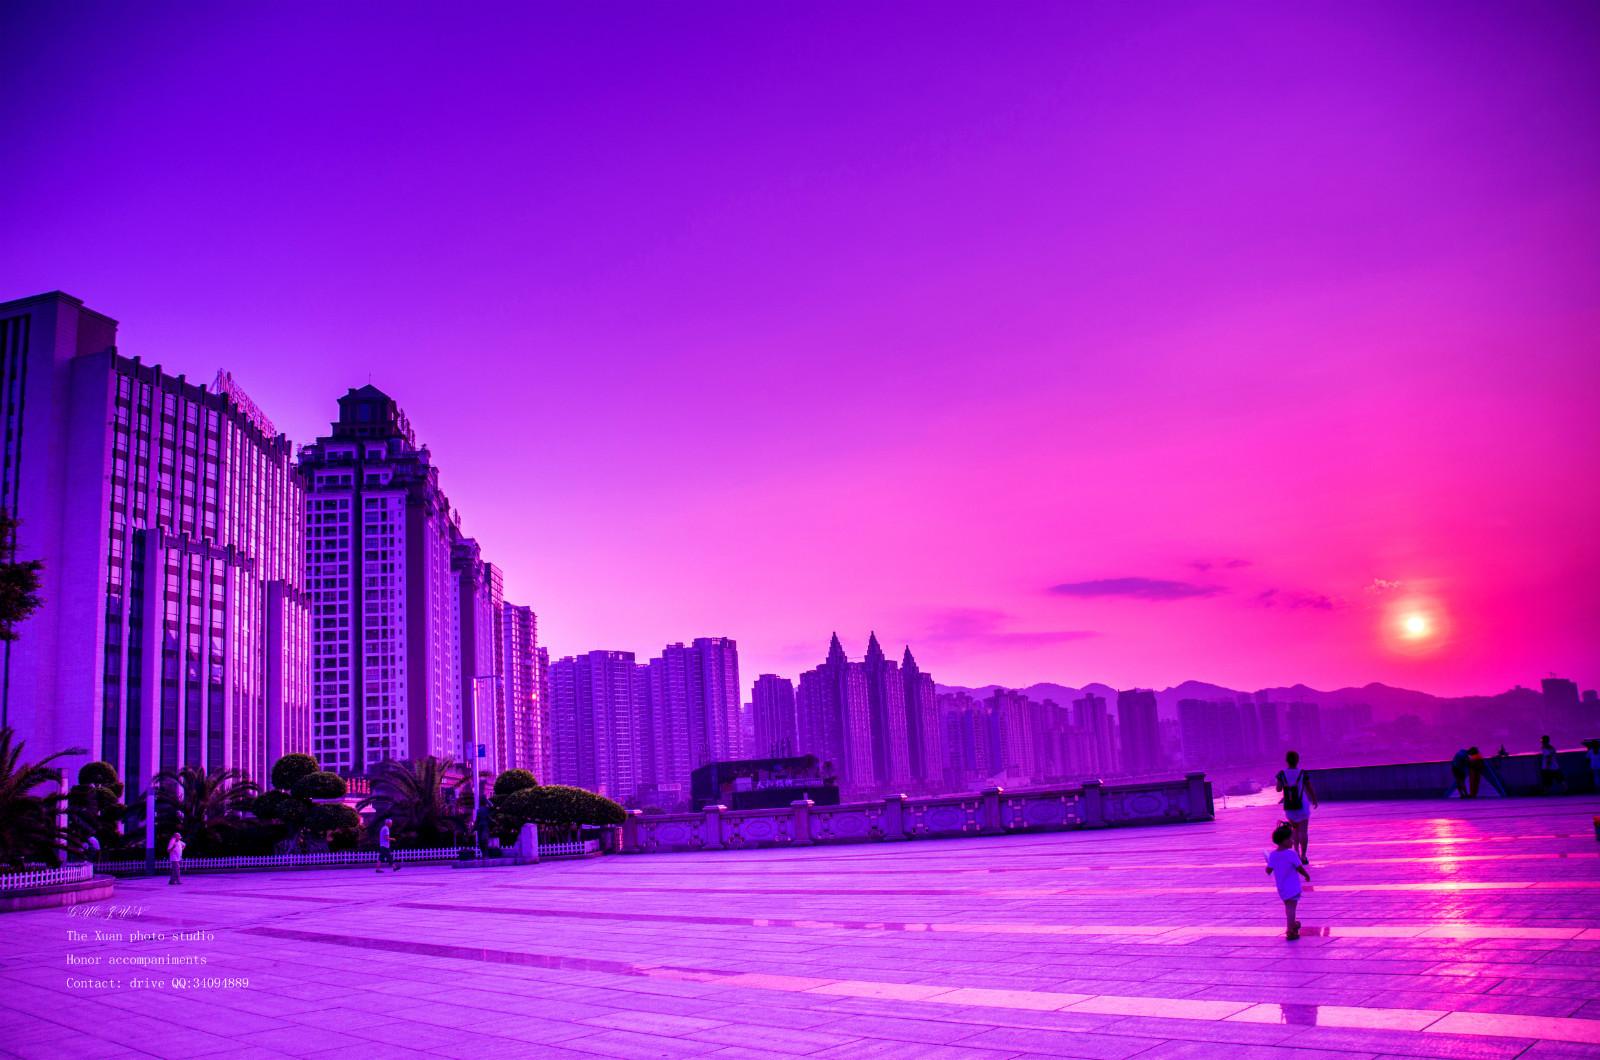 两江广场的暮色 - 涪陵摄影 - 涪风论坛-fuling.com